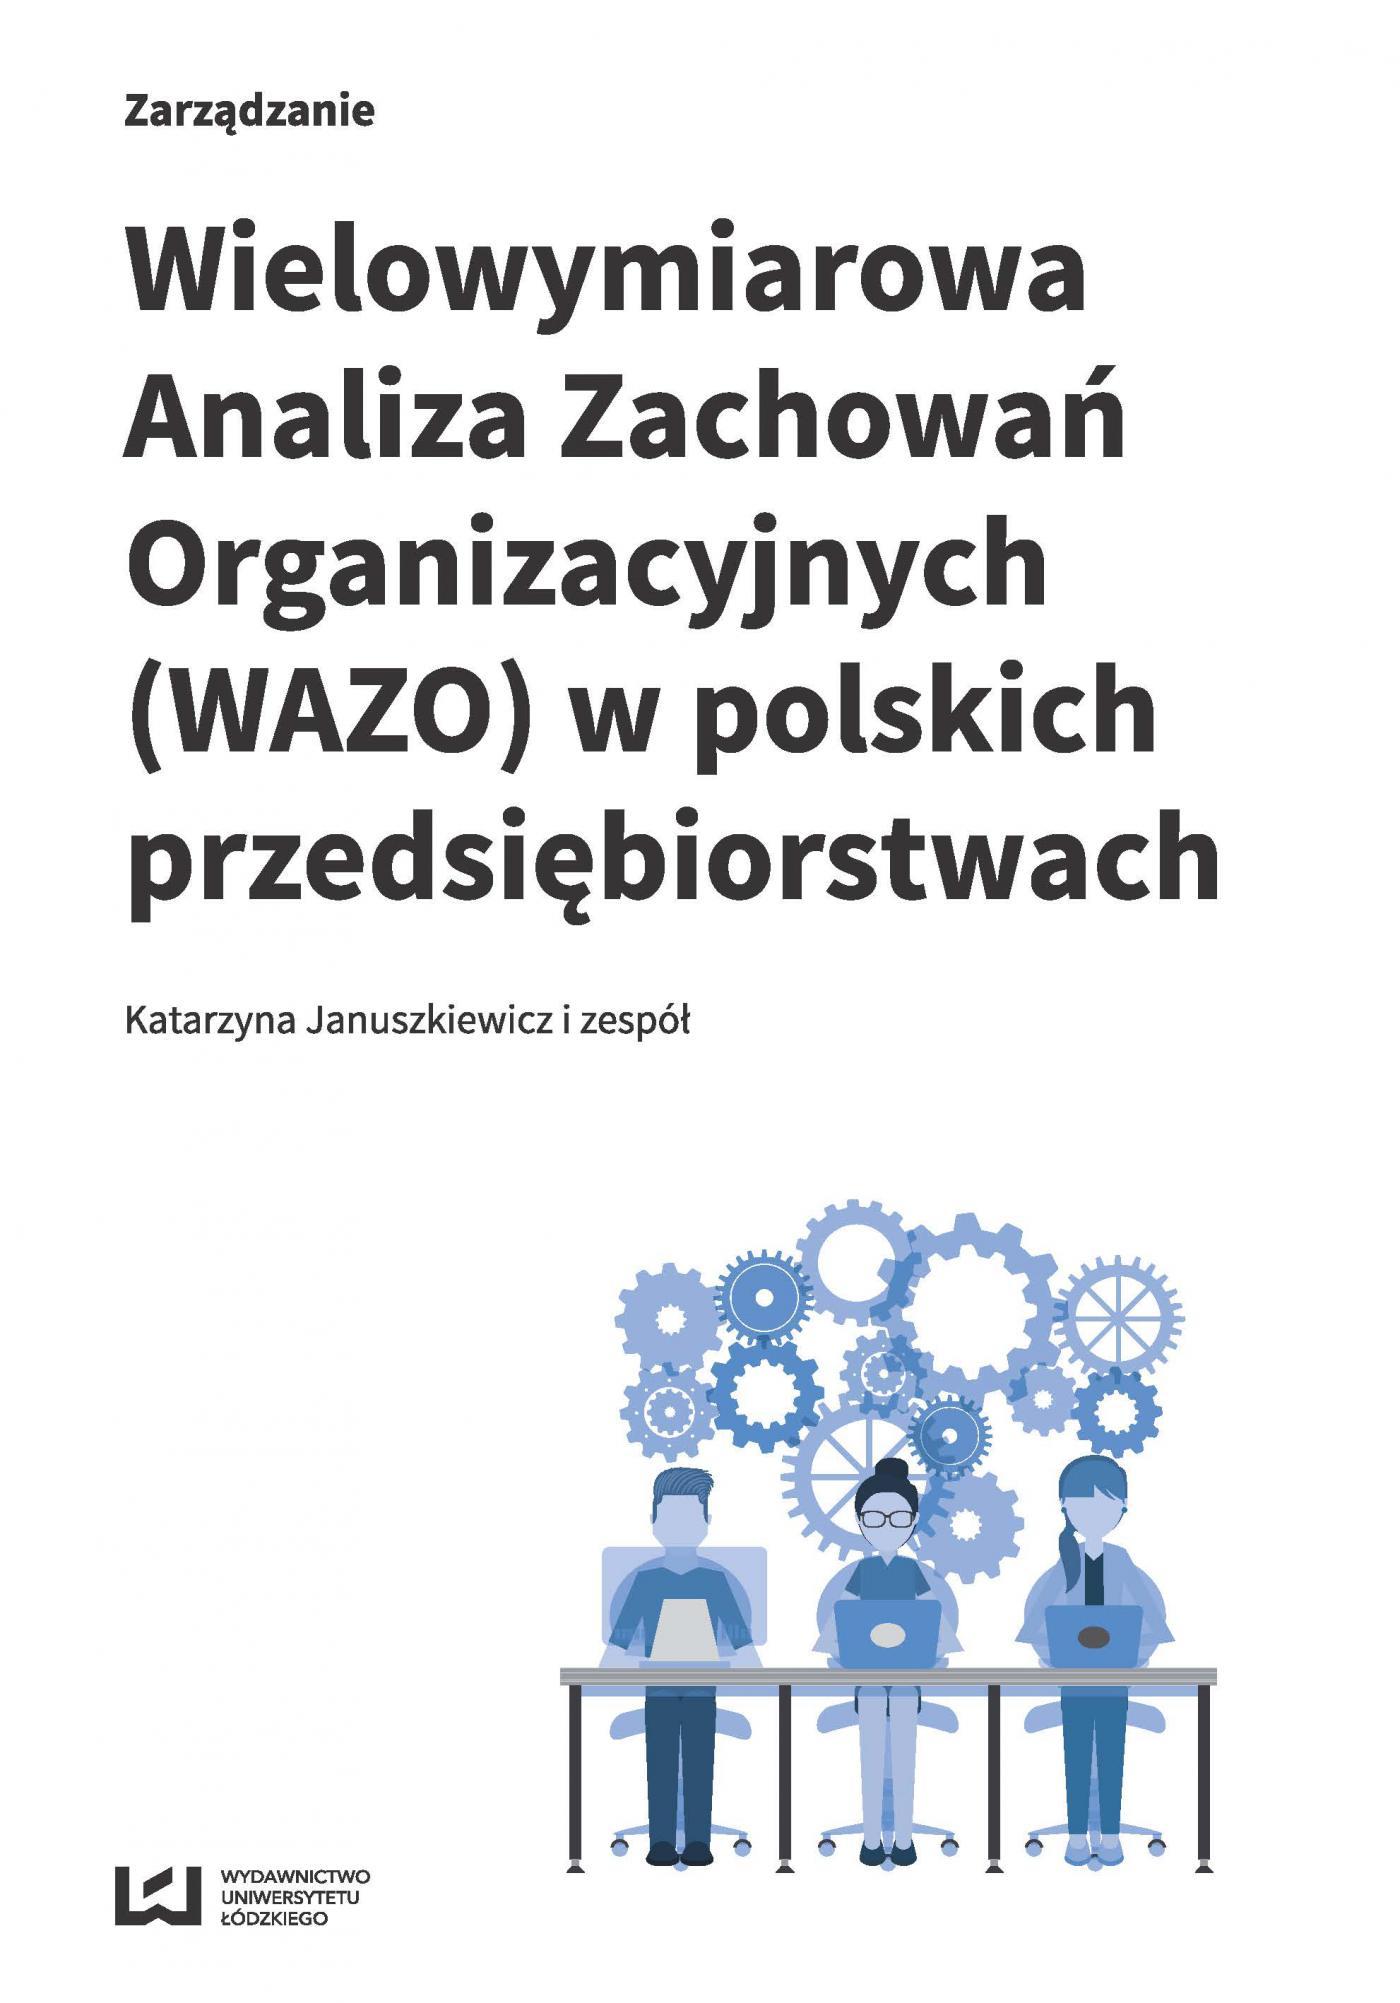 Wielowymiarowa Analiza Zachowań Organizacyjnych (WAZO) w polskich przedsiębiorstwach - Ebook (Książka PDF) do pobrania w formacie PDF